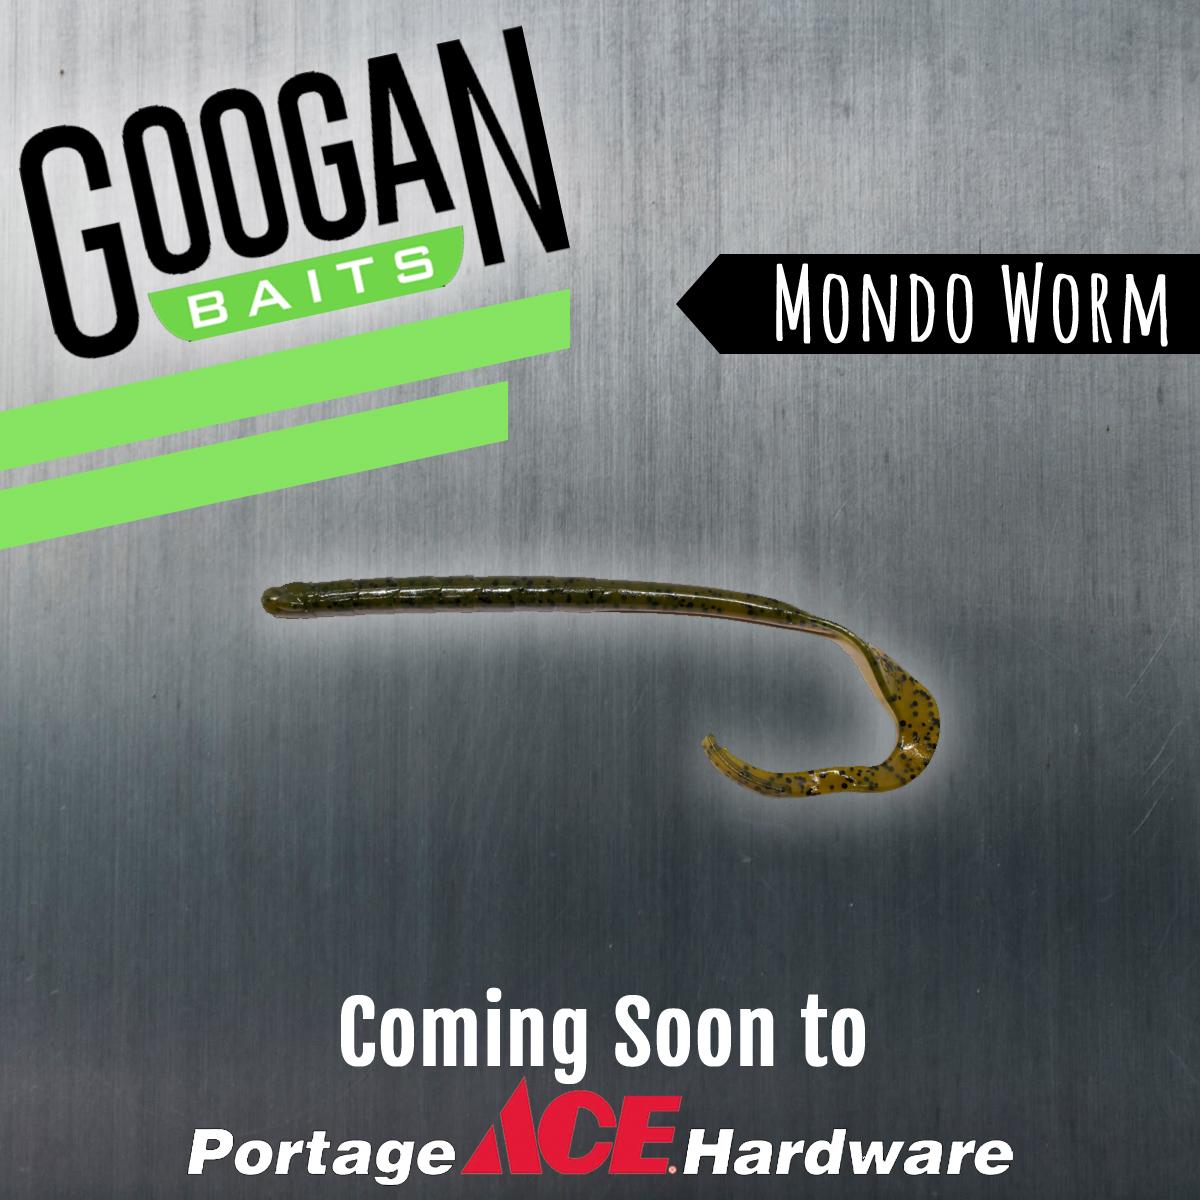 googan bait slide show 2.jpg